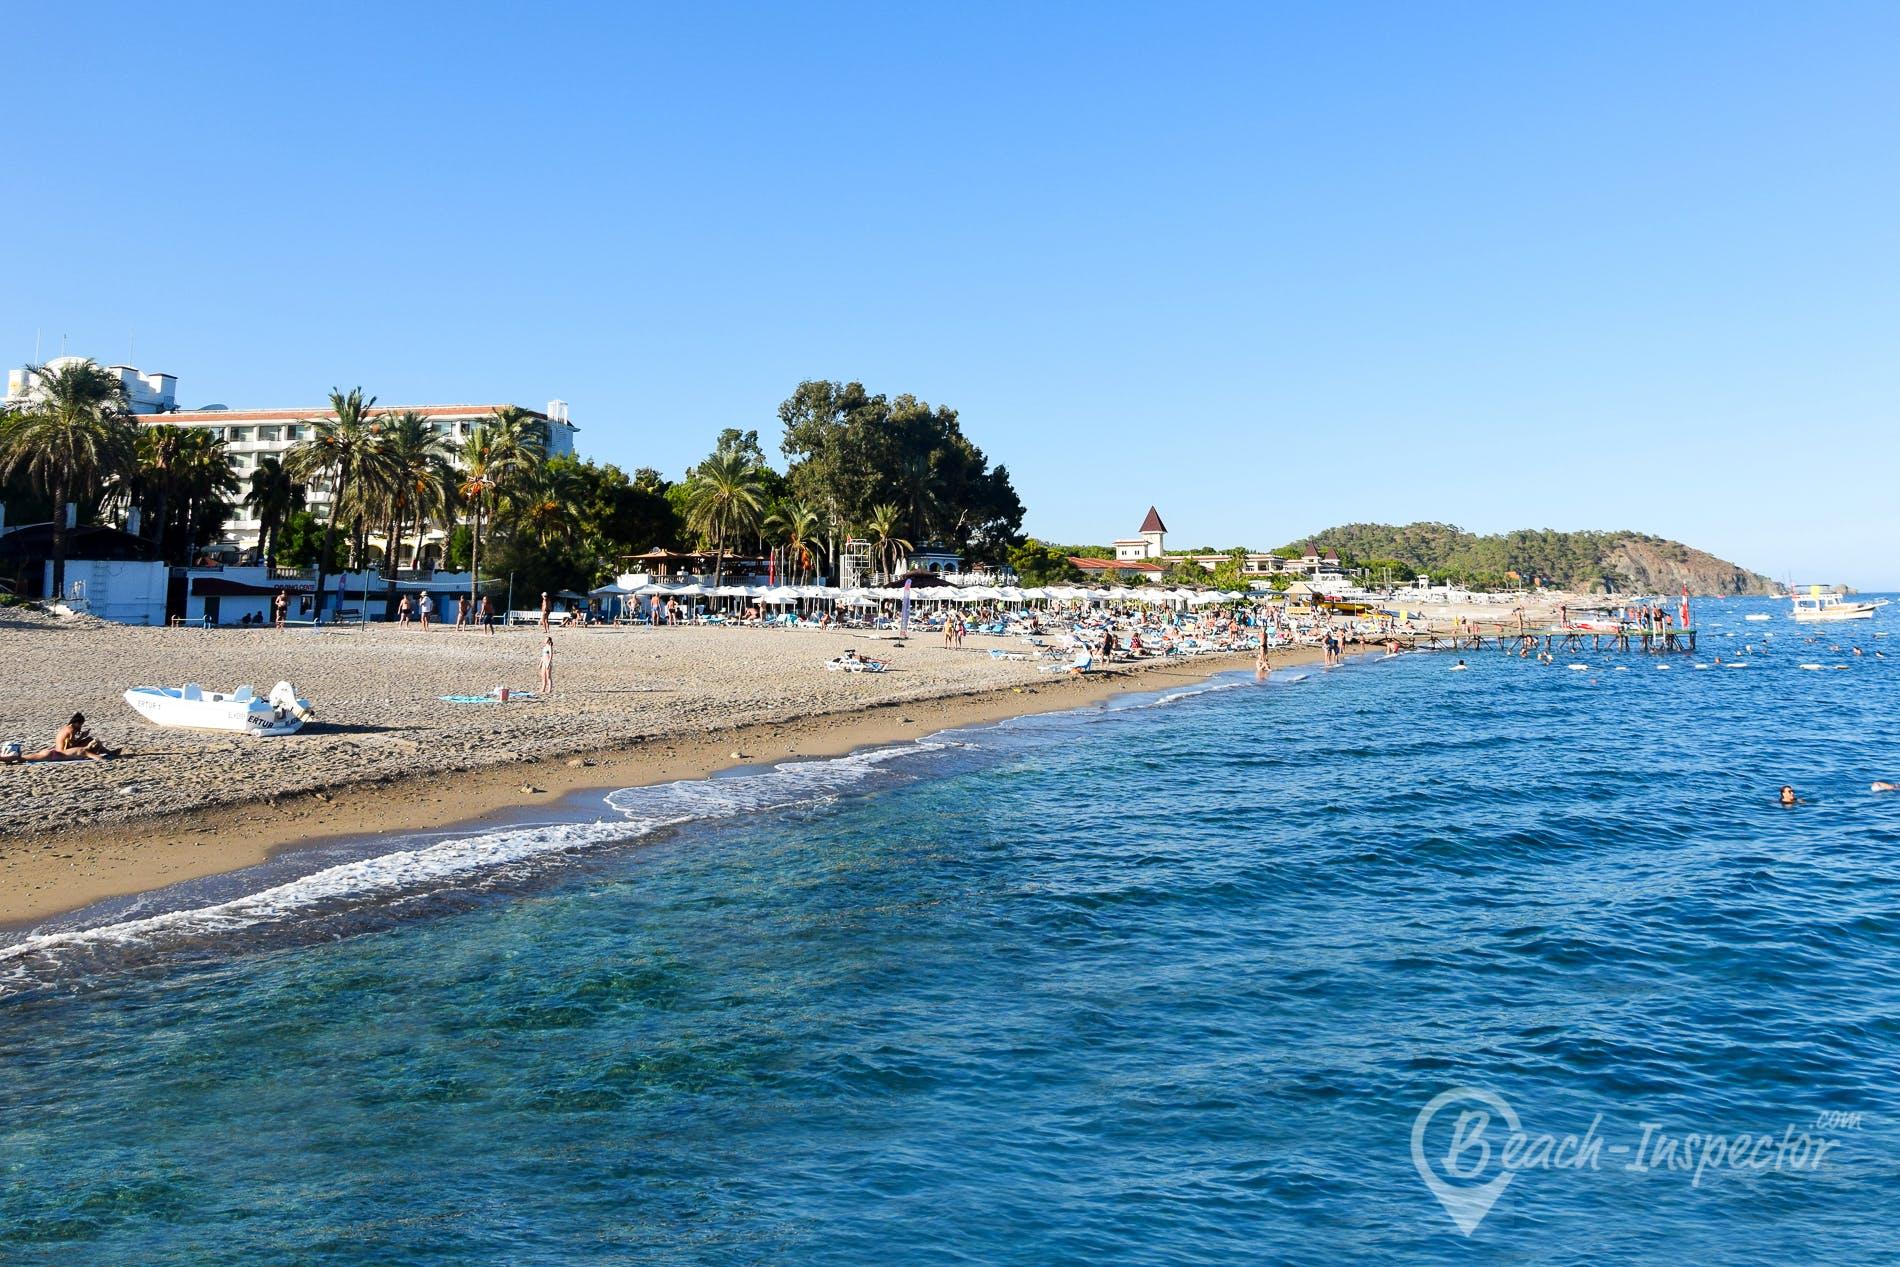 Playa Tekirova Beach, Riviera Turca, Turquía